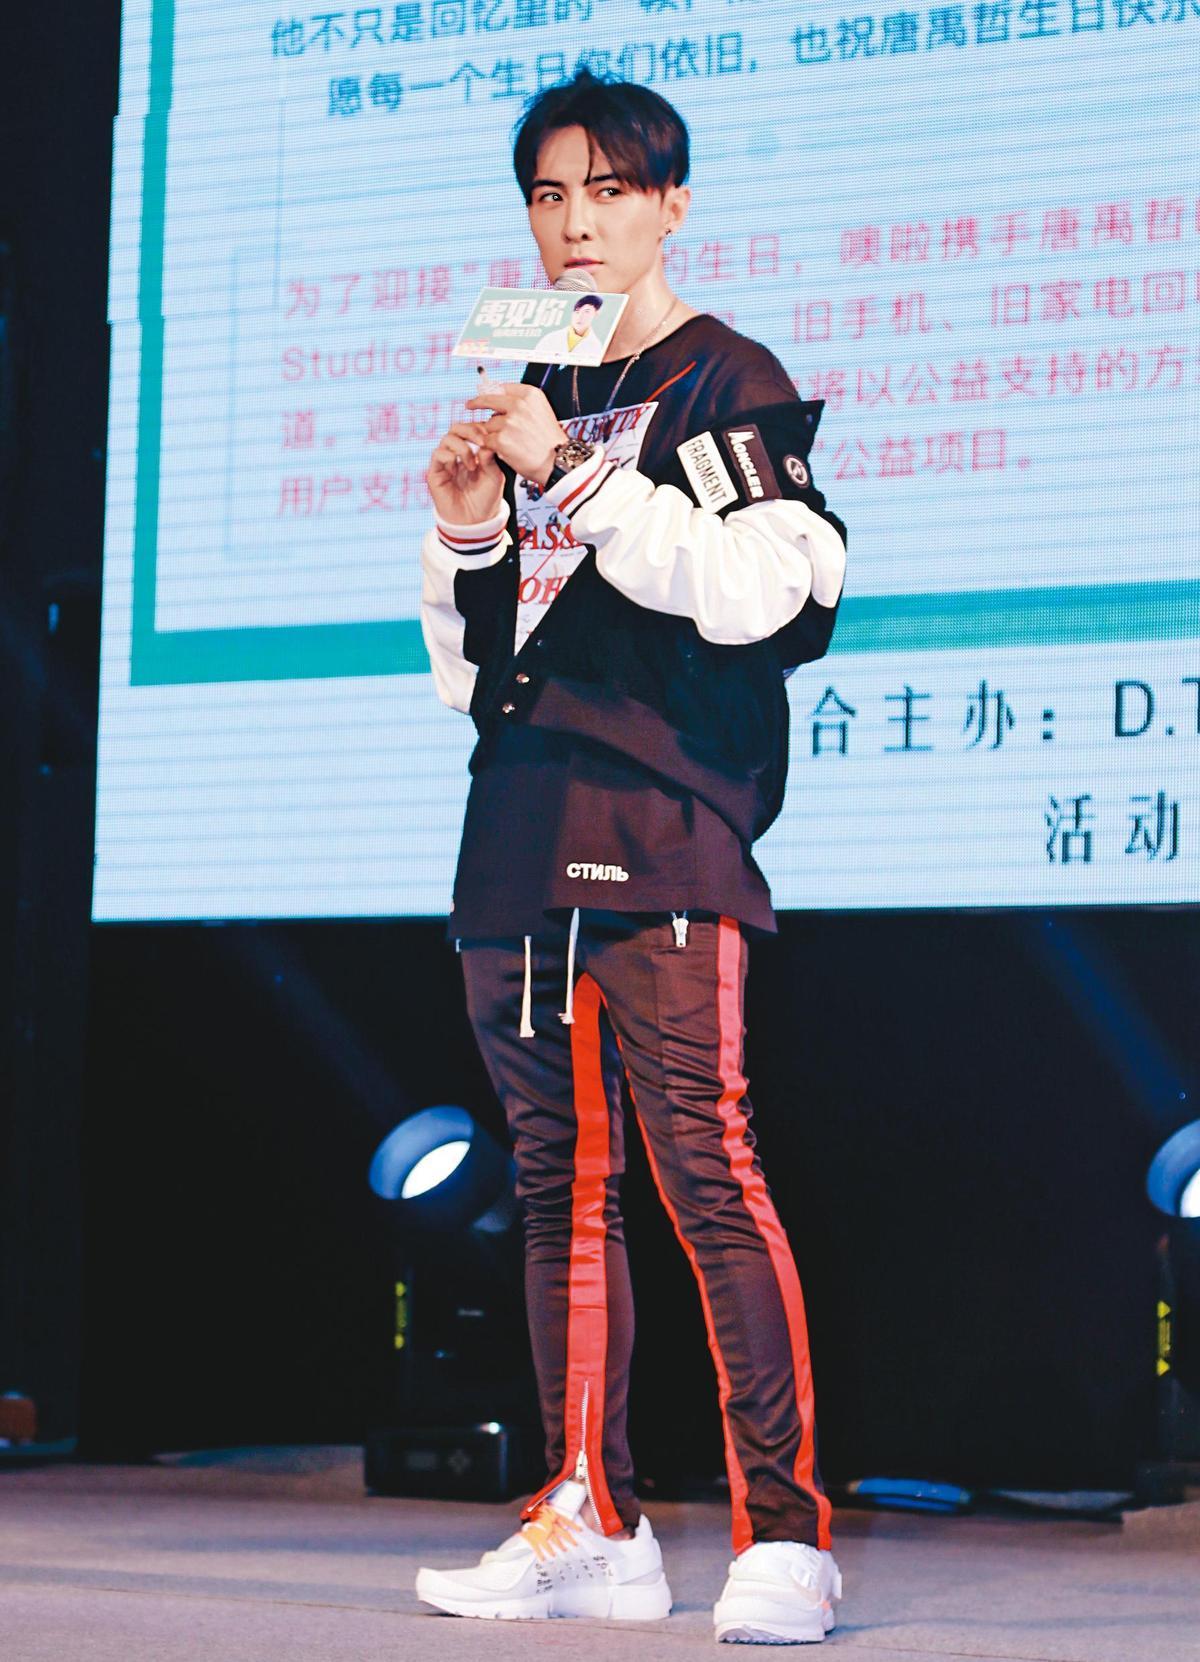 唐禹哲(圖)和蘇小軒去年7月就傳出戀情,不過2人只認對方是好友。